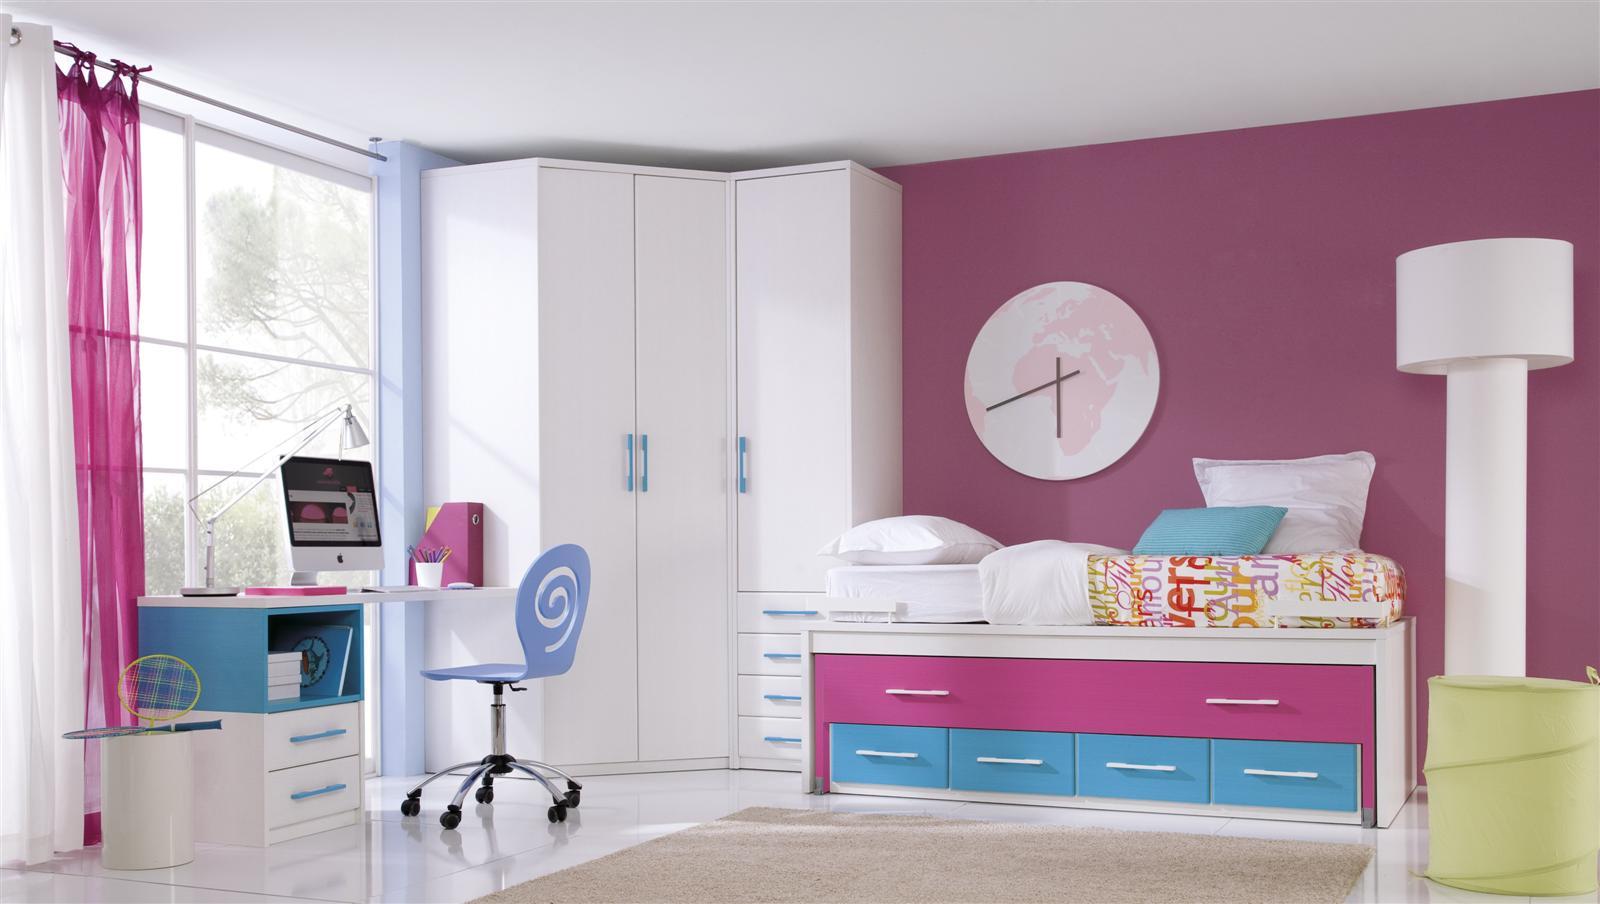 301 moved permanently - Colores para habitaciones juveniles masculino ...